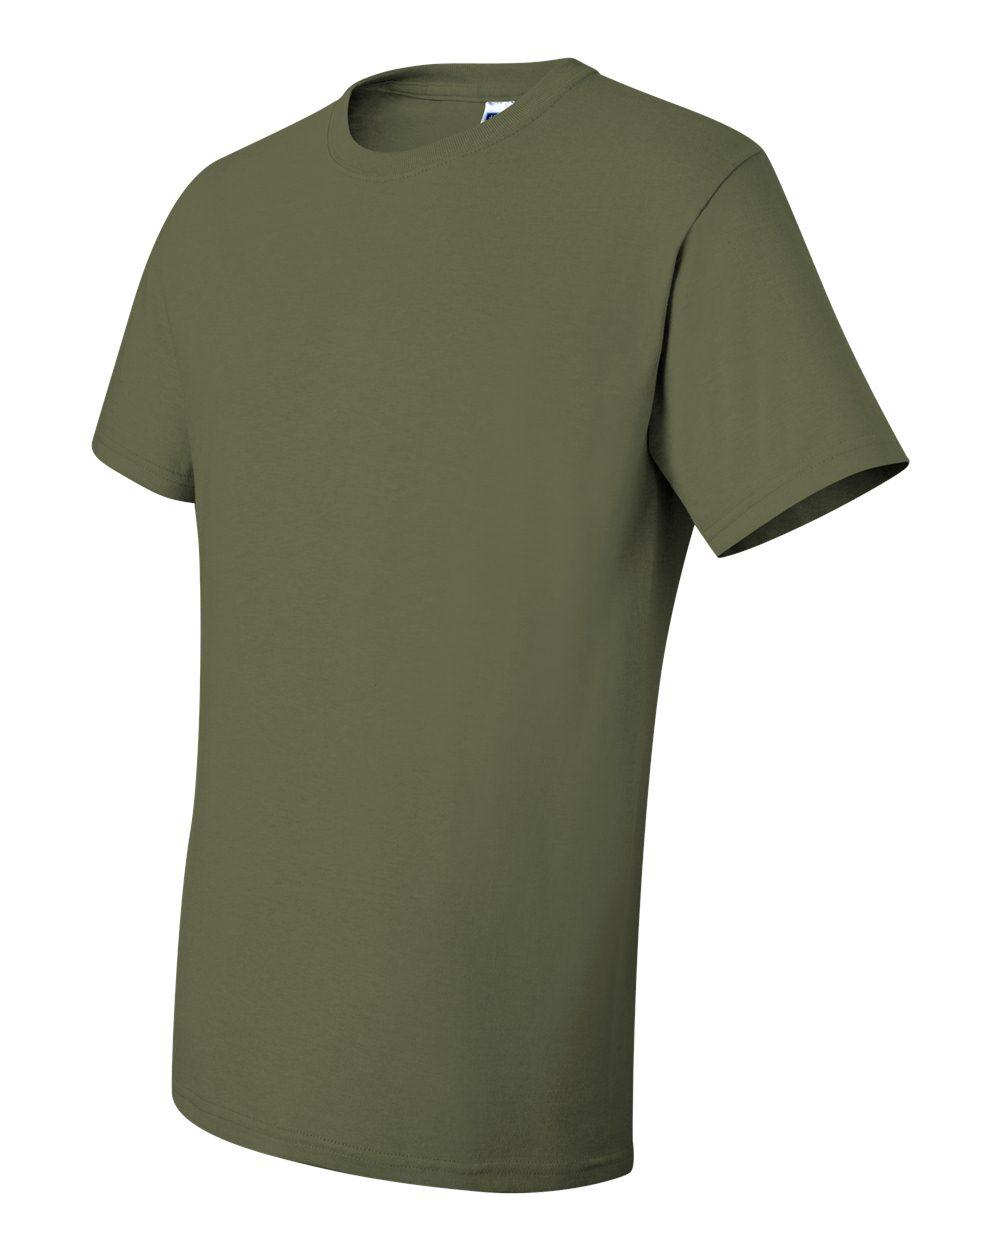 Jerzees-Men-039-s-5-6-oz-50-50-Heavyweight-Blend-T-Shirt-29M-S-4XL thumbnail 12